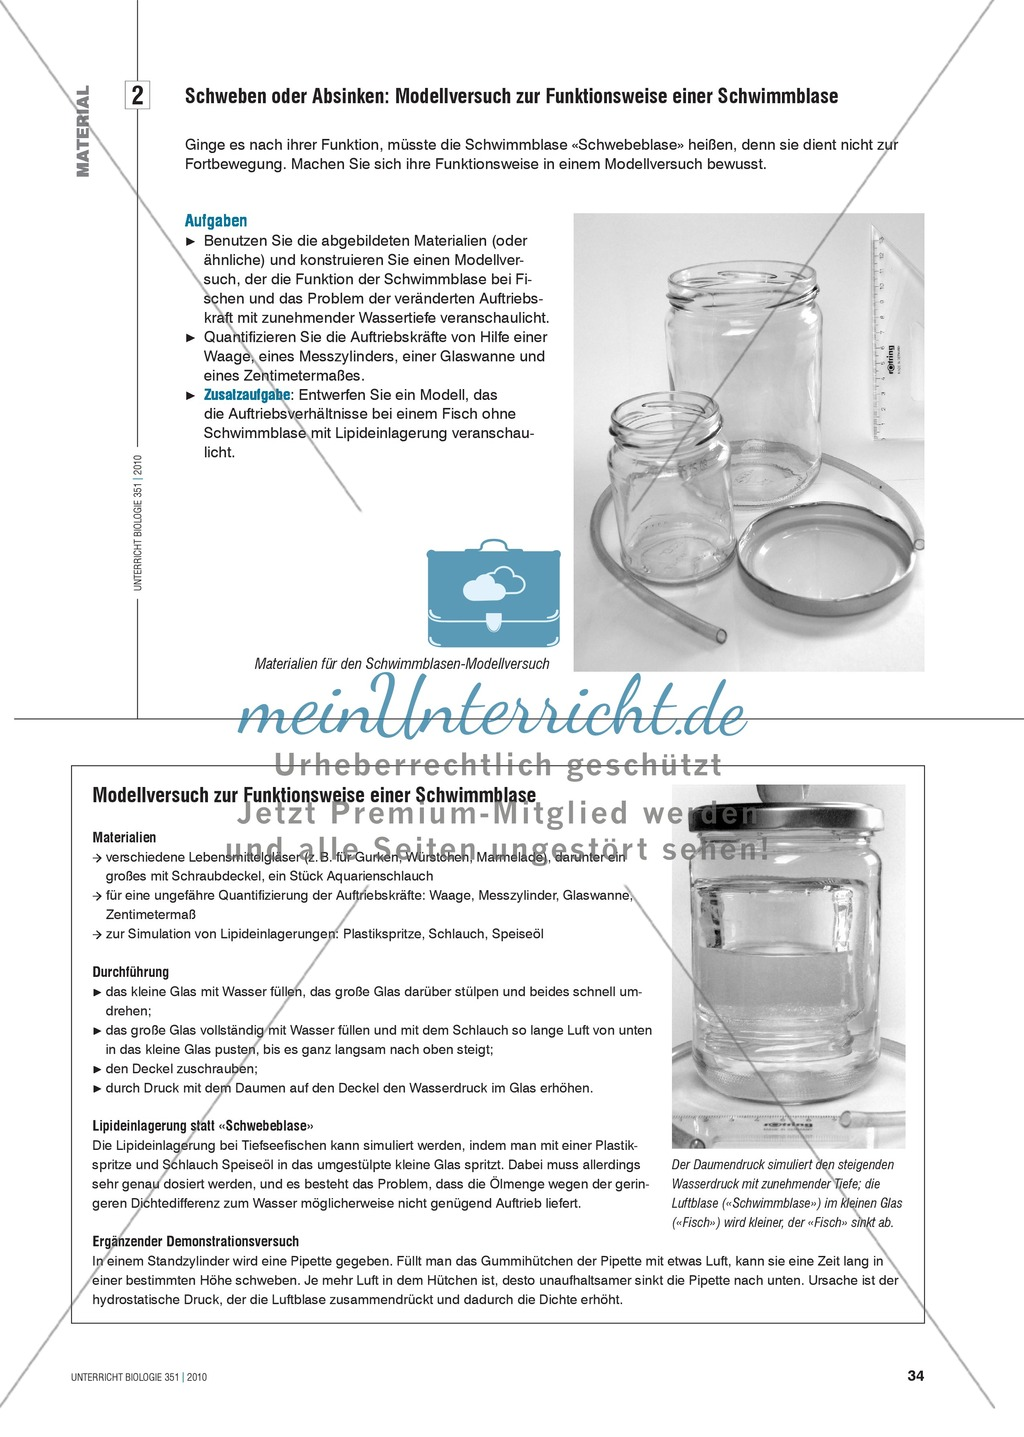 Die Funktionsweise der Schwimmblase im Modell erkunden und verstehen: Preview 3